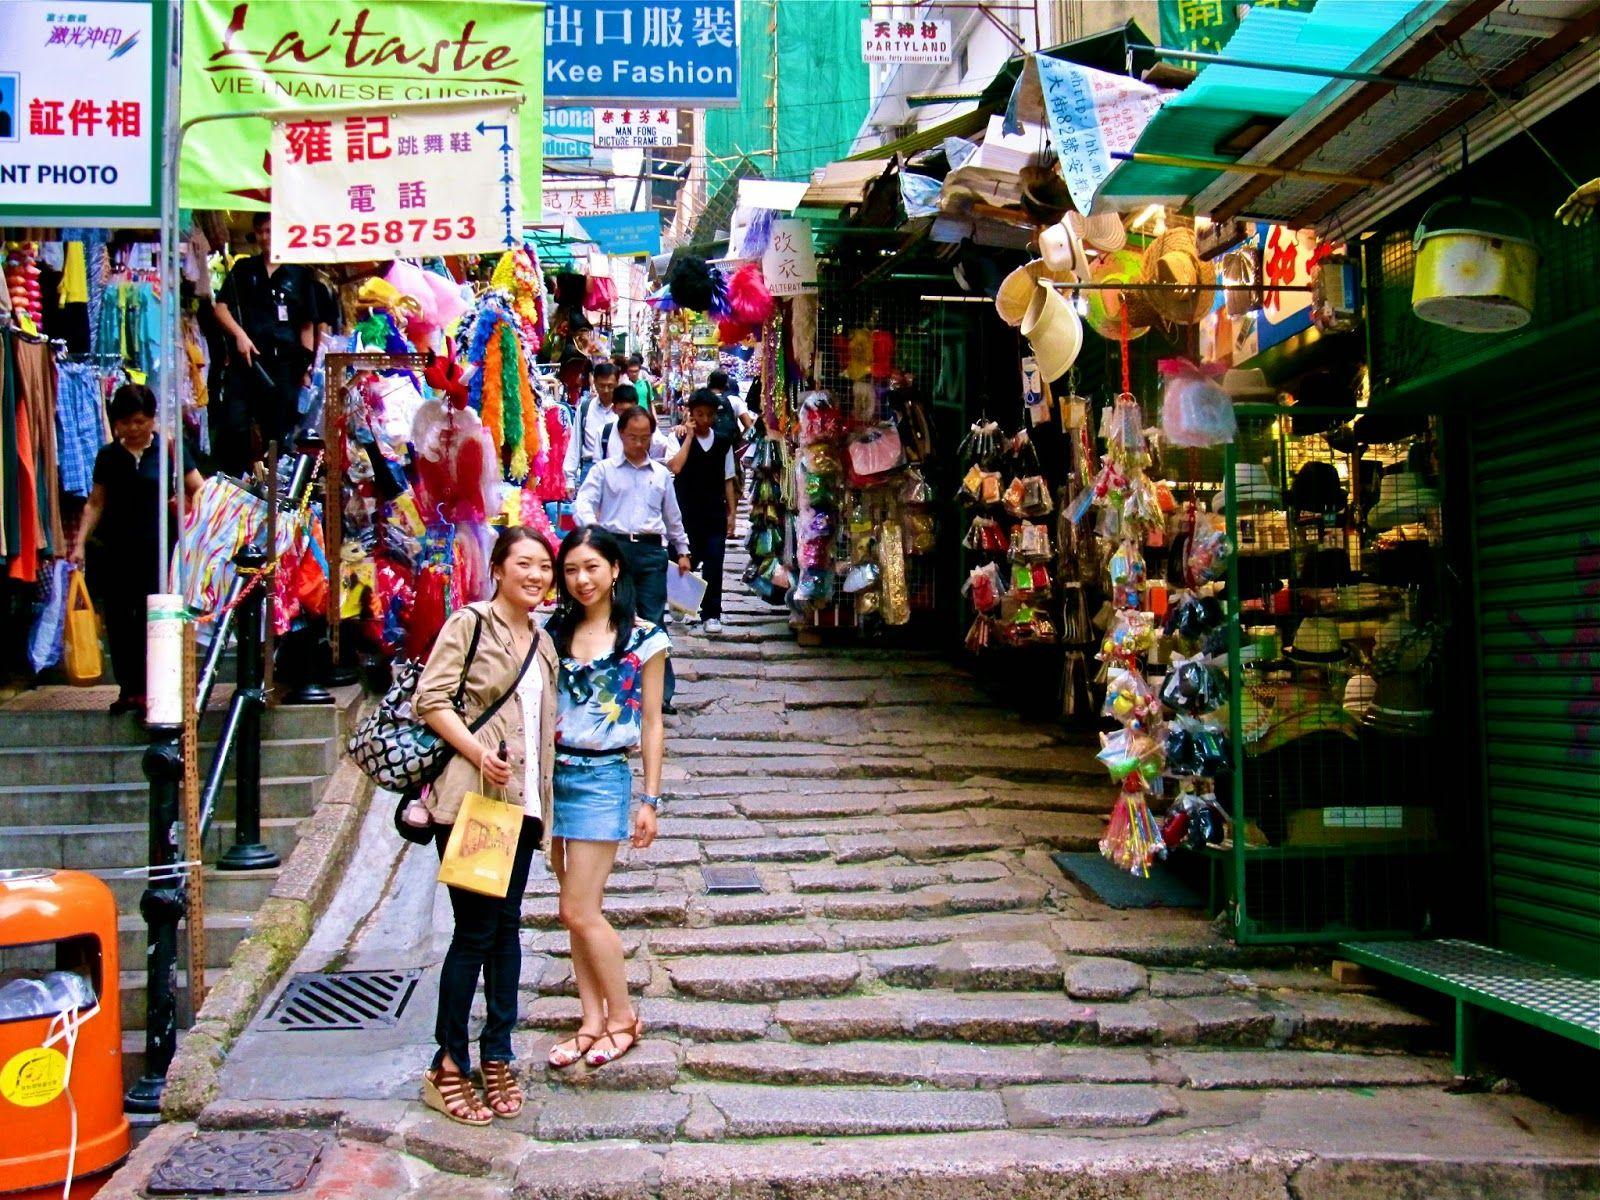 9 lokasi wisata murah ke hongkong dan 4 cara hemat wisata ke rh pinterest com hostel murah di hongkong untuk backpacker